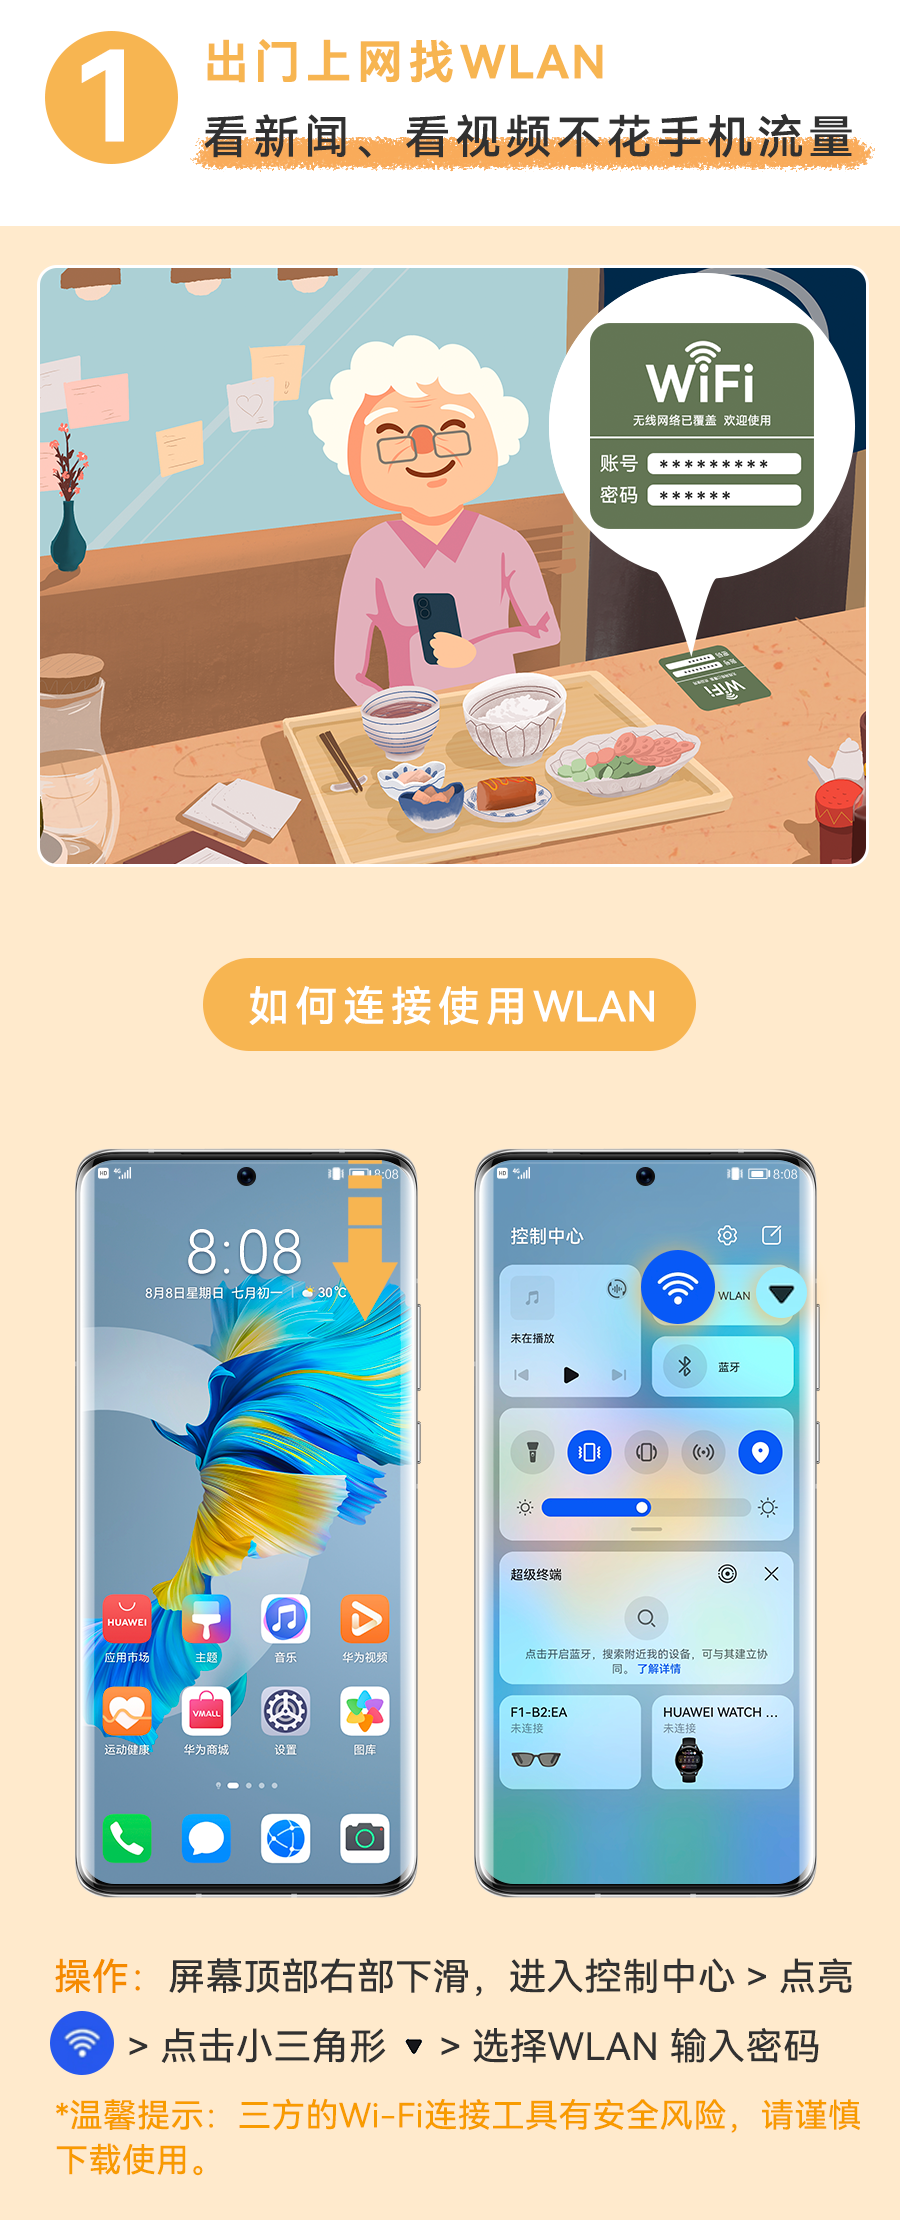 1.出门上网找WLAN.png